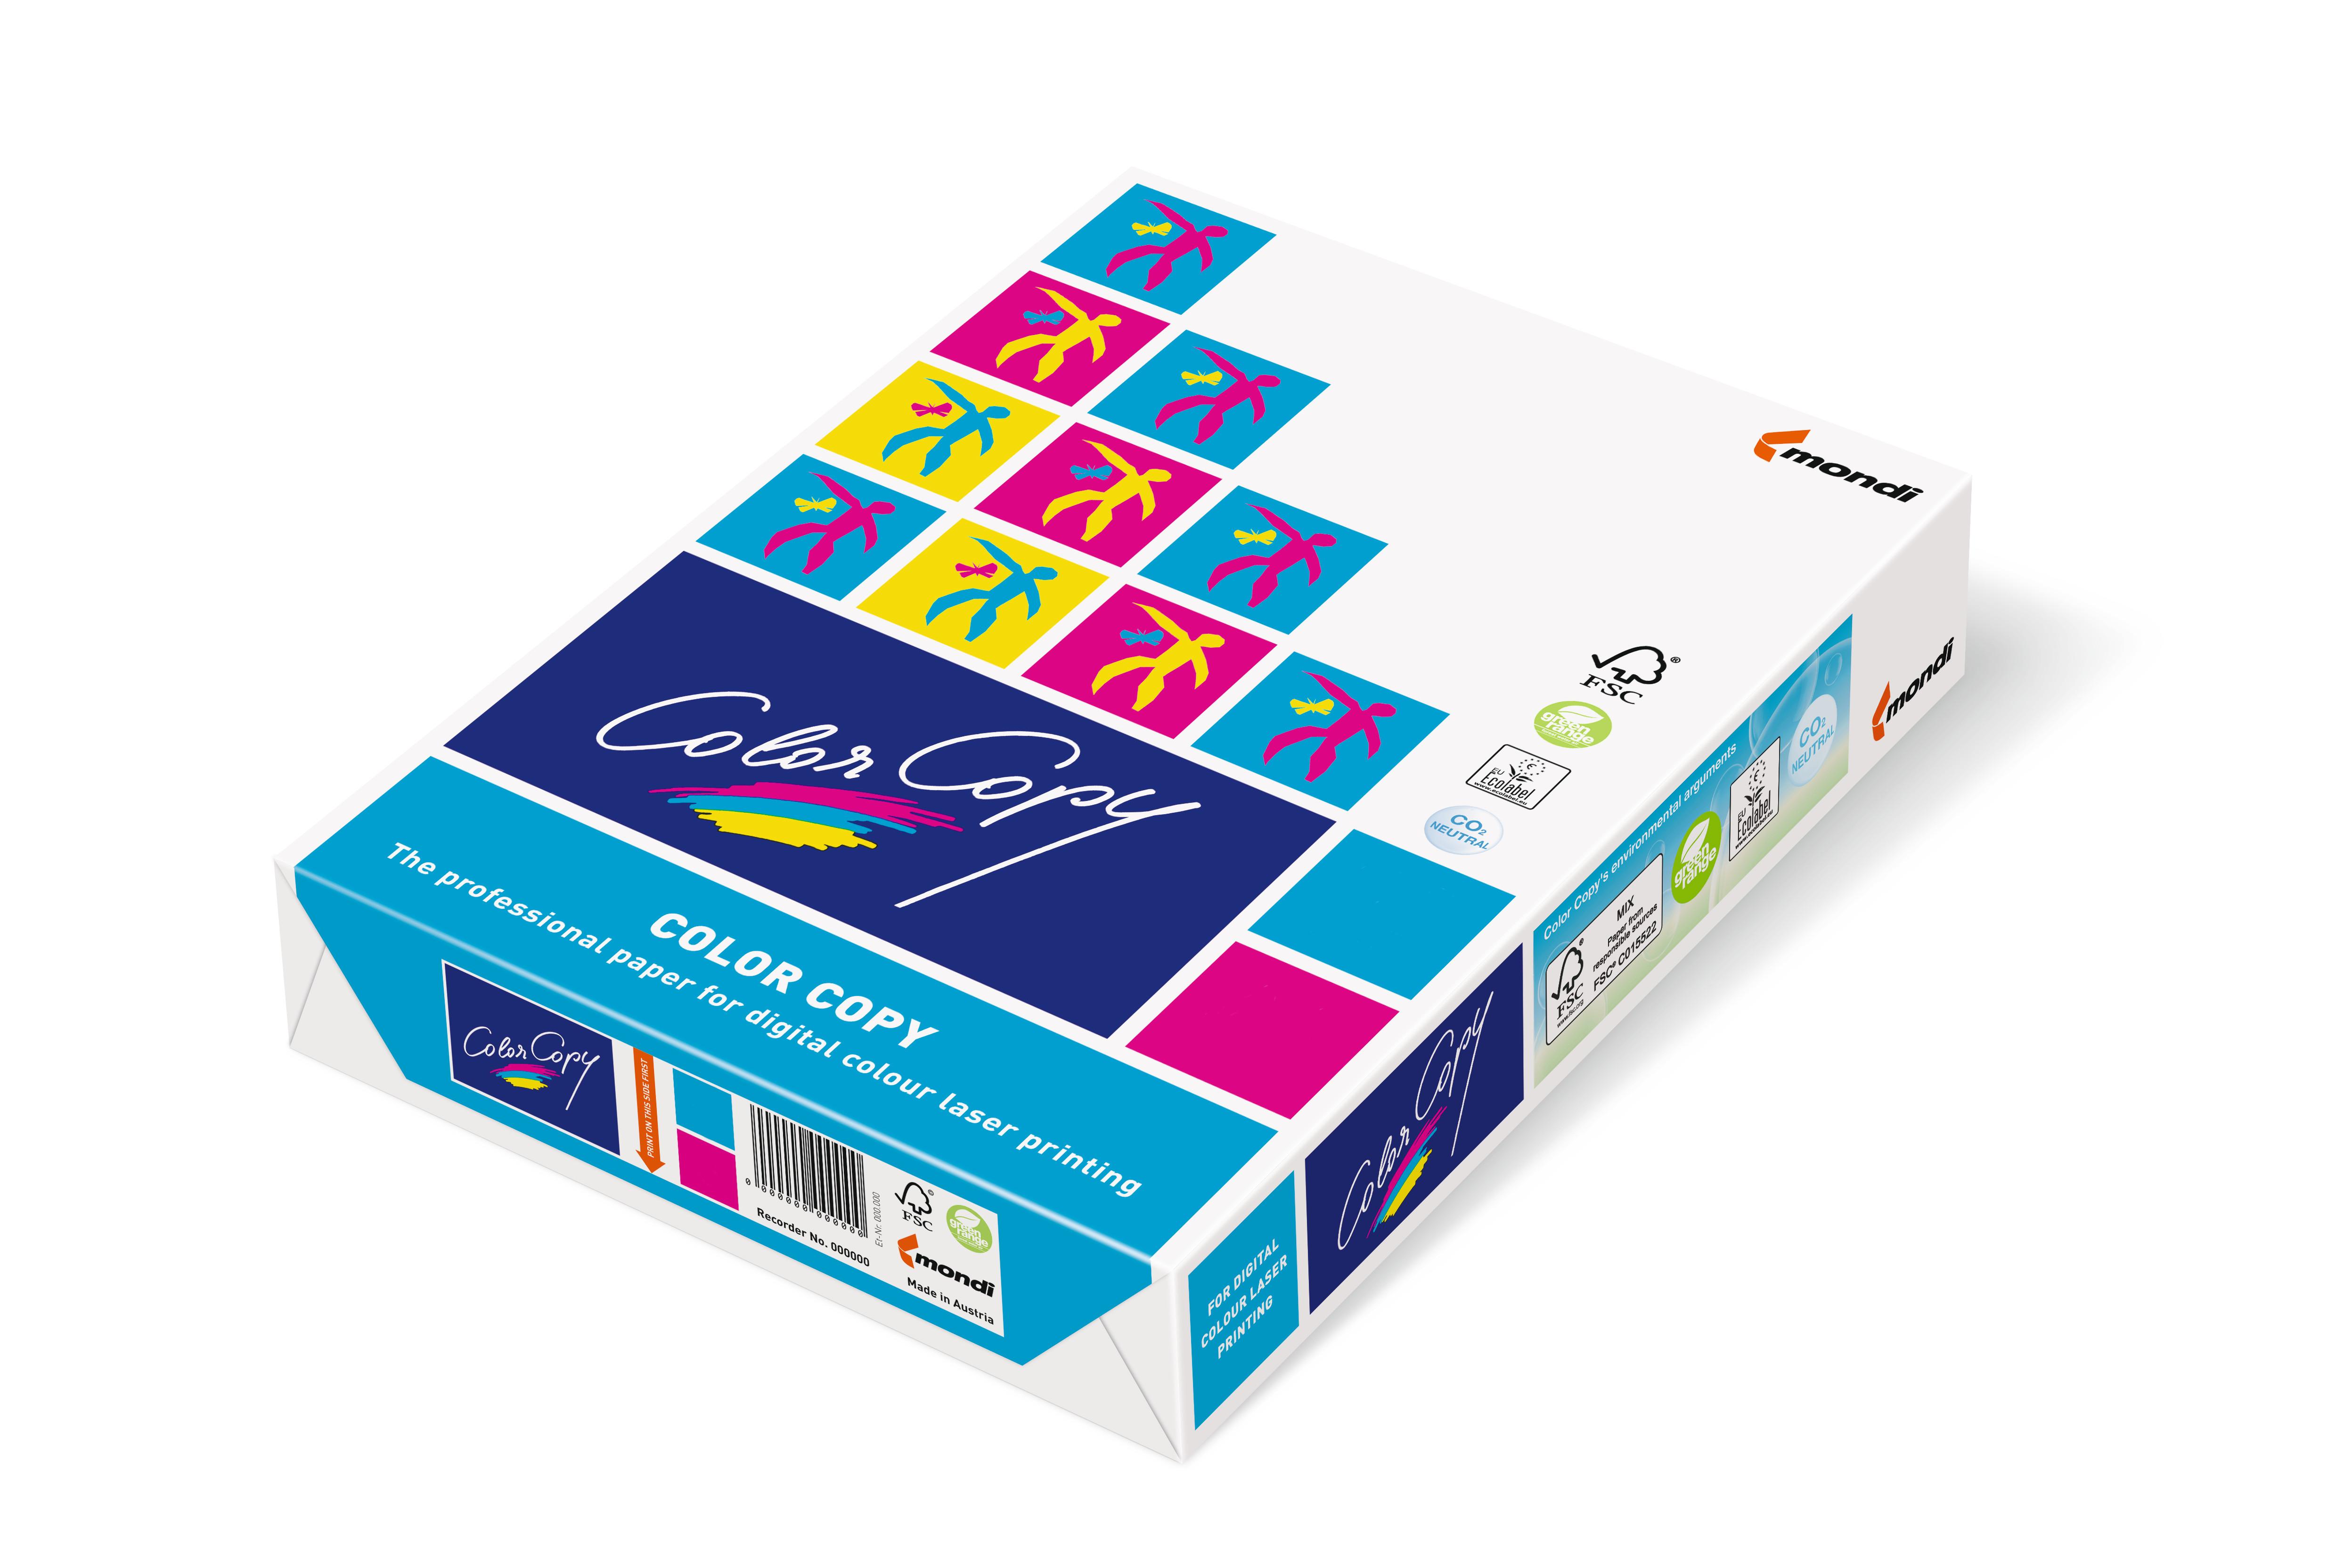 Mondi Color Copy Papier 90g/m² DIN-A4 - 500 Blatt